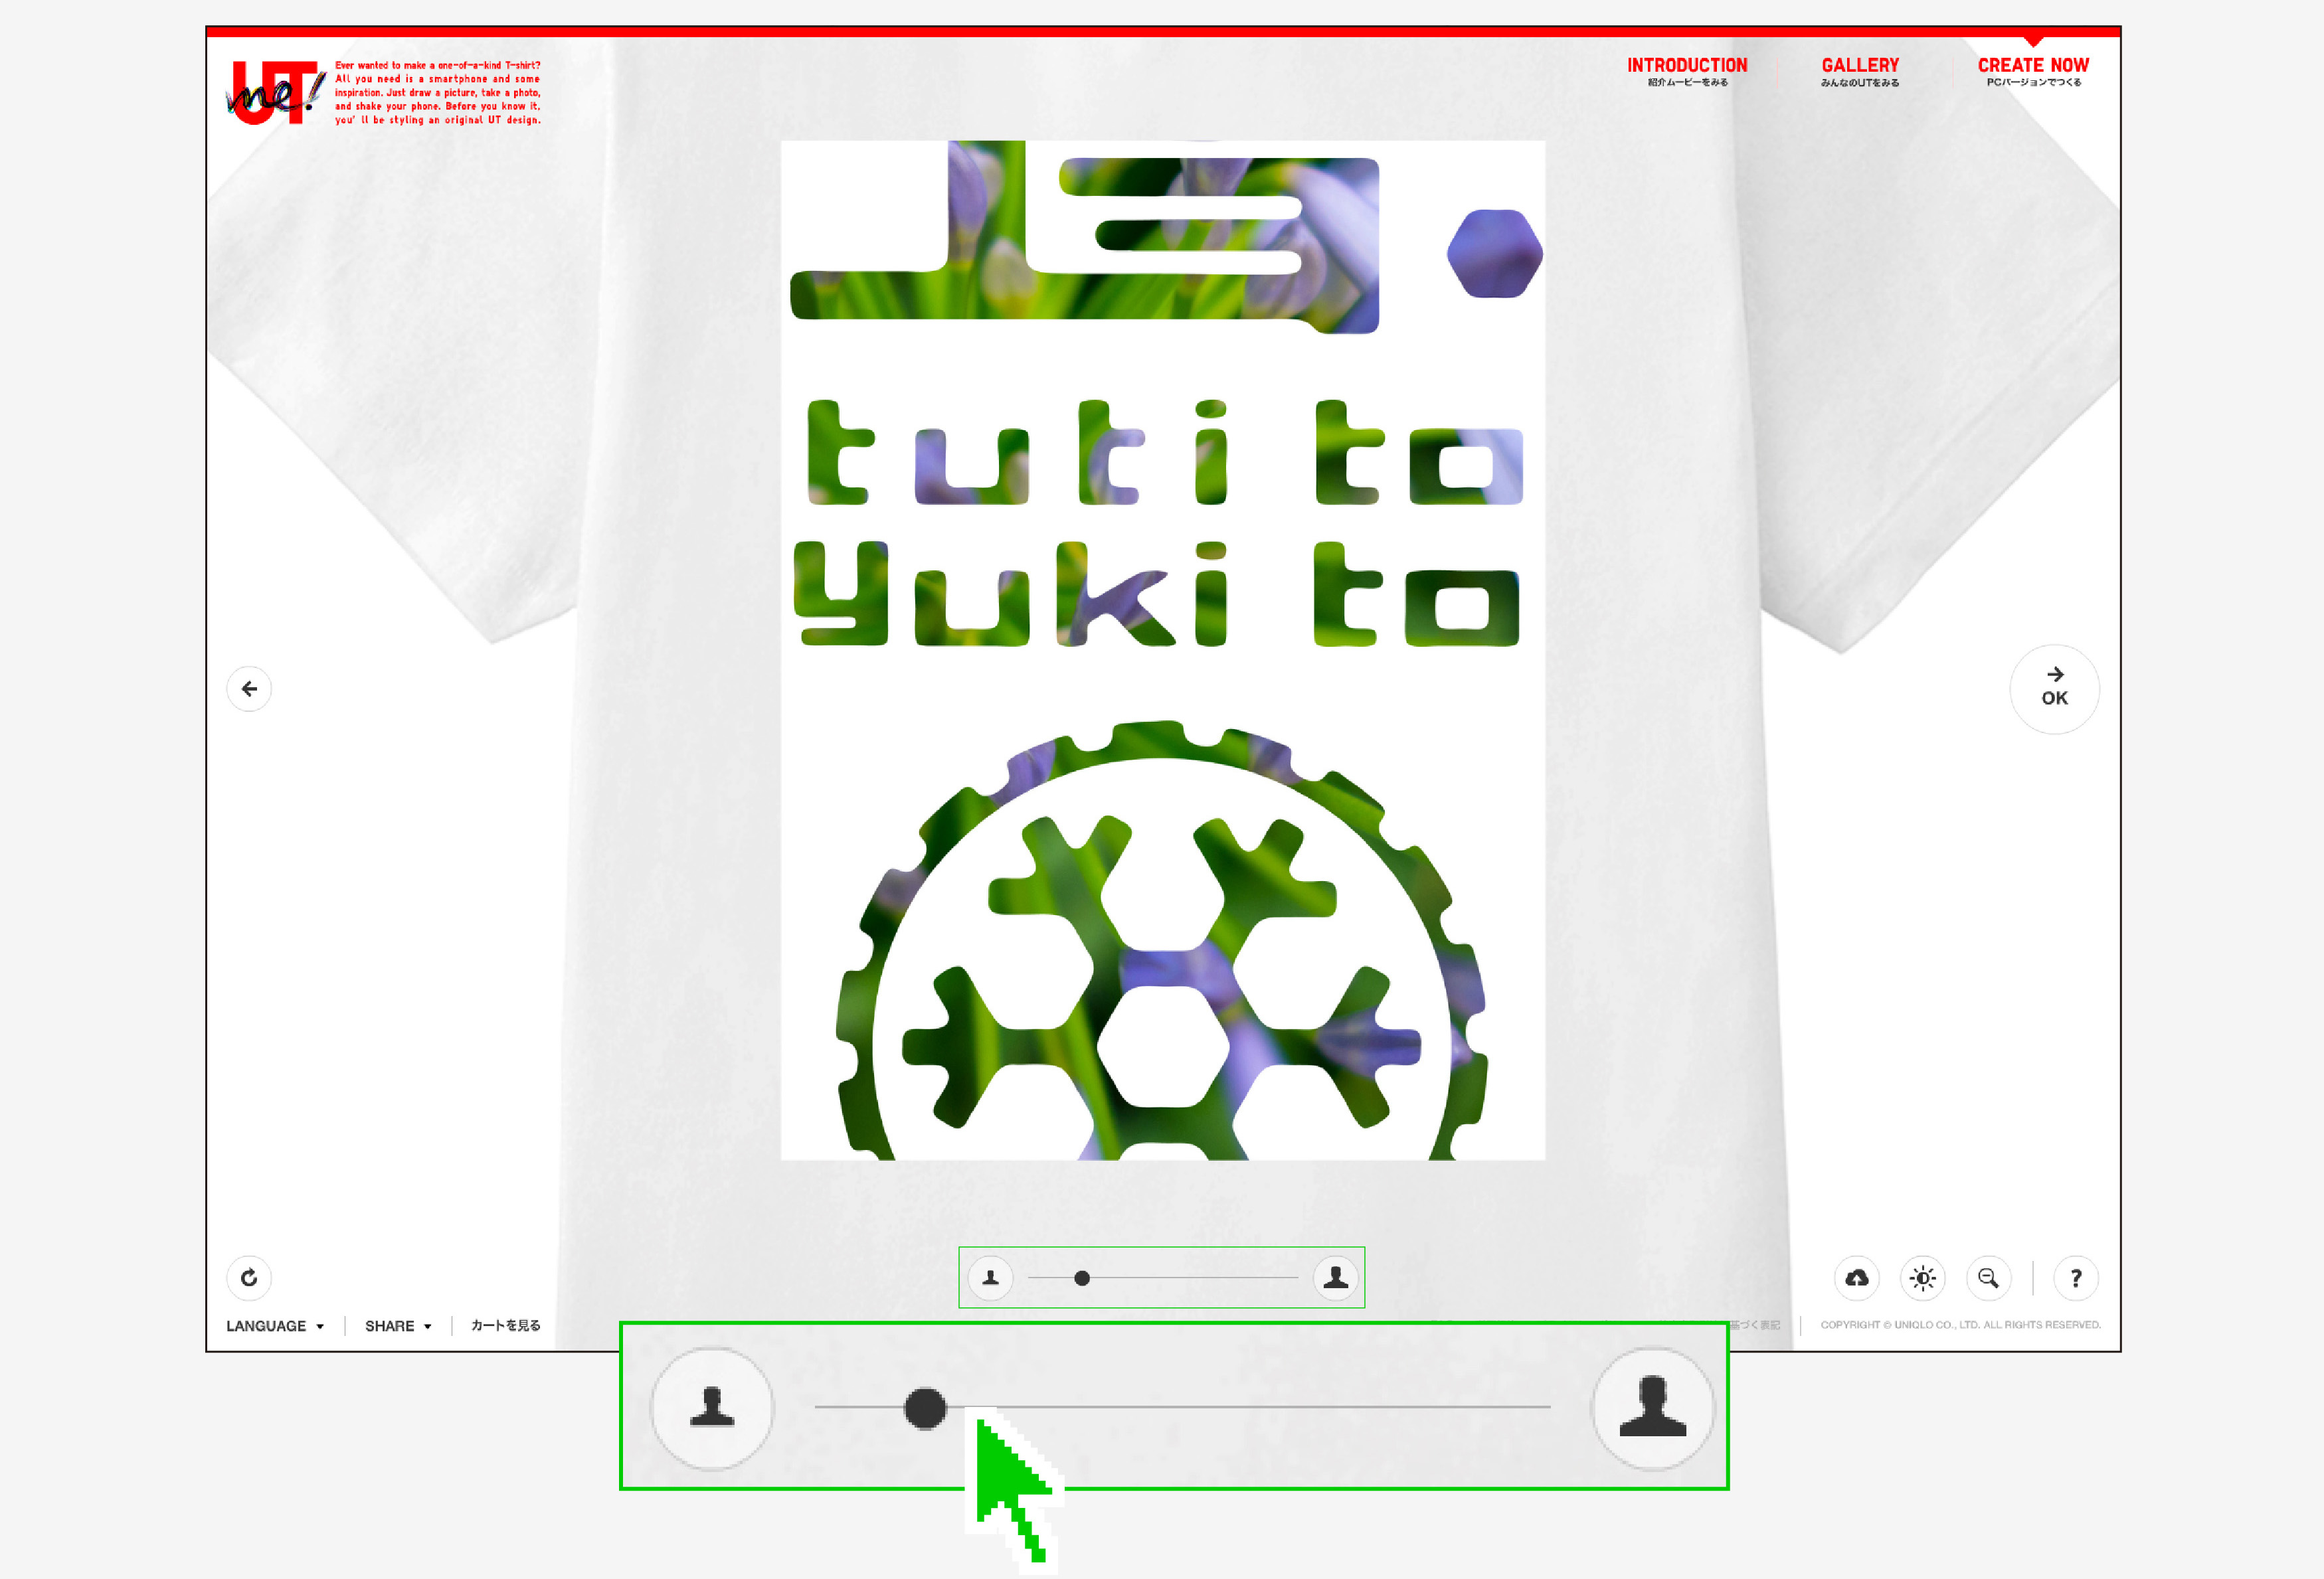 utme_guide4.jpg